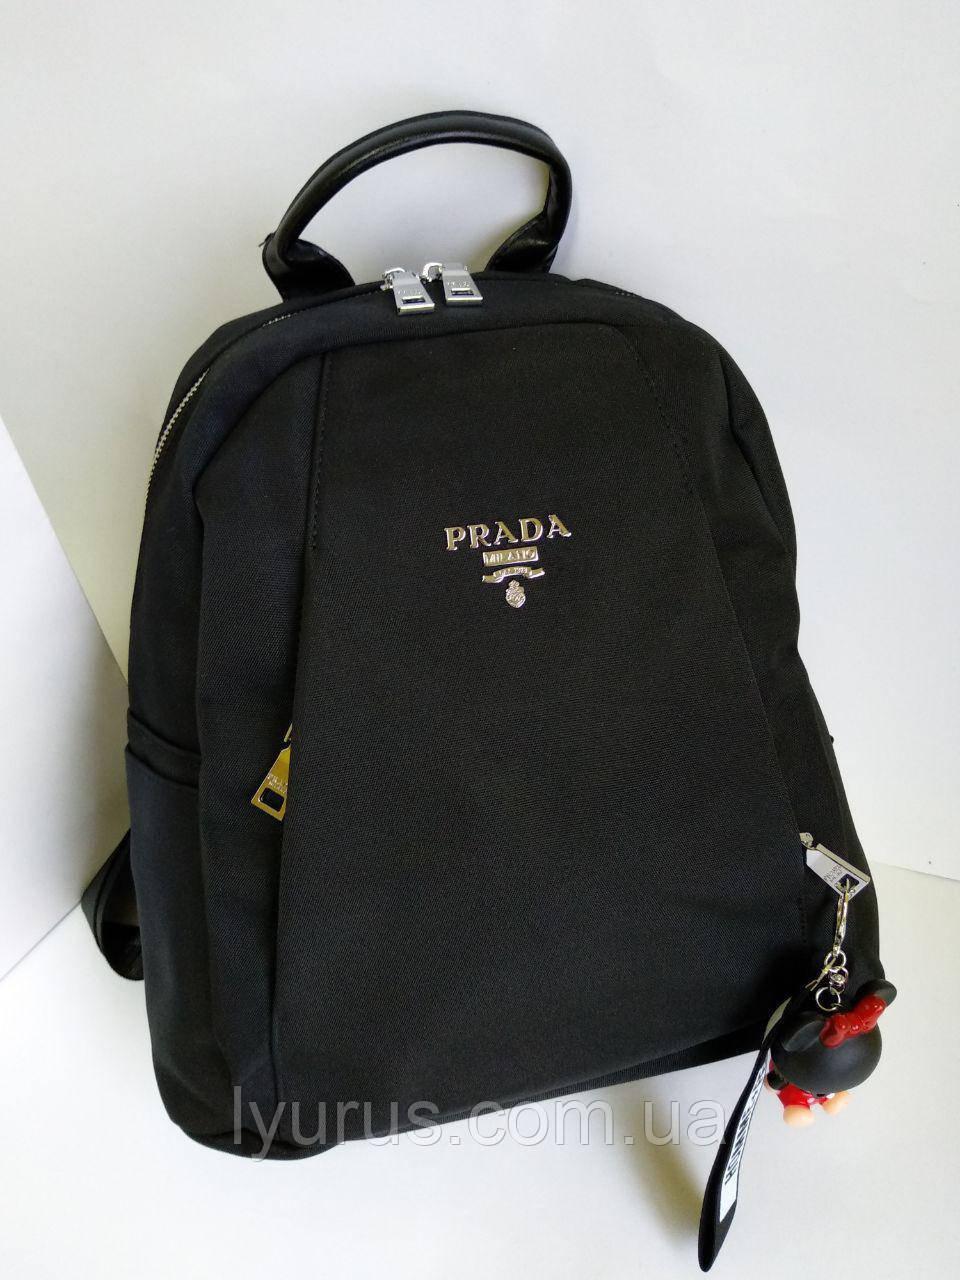 Рюкзак жіночий повсякденний Prada чорного кольору місткий міський